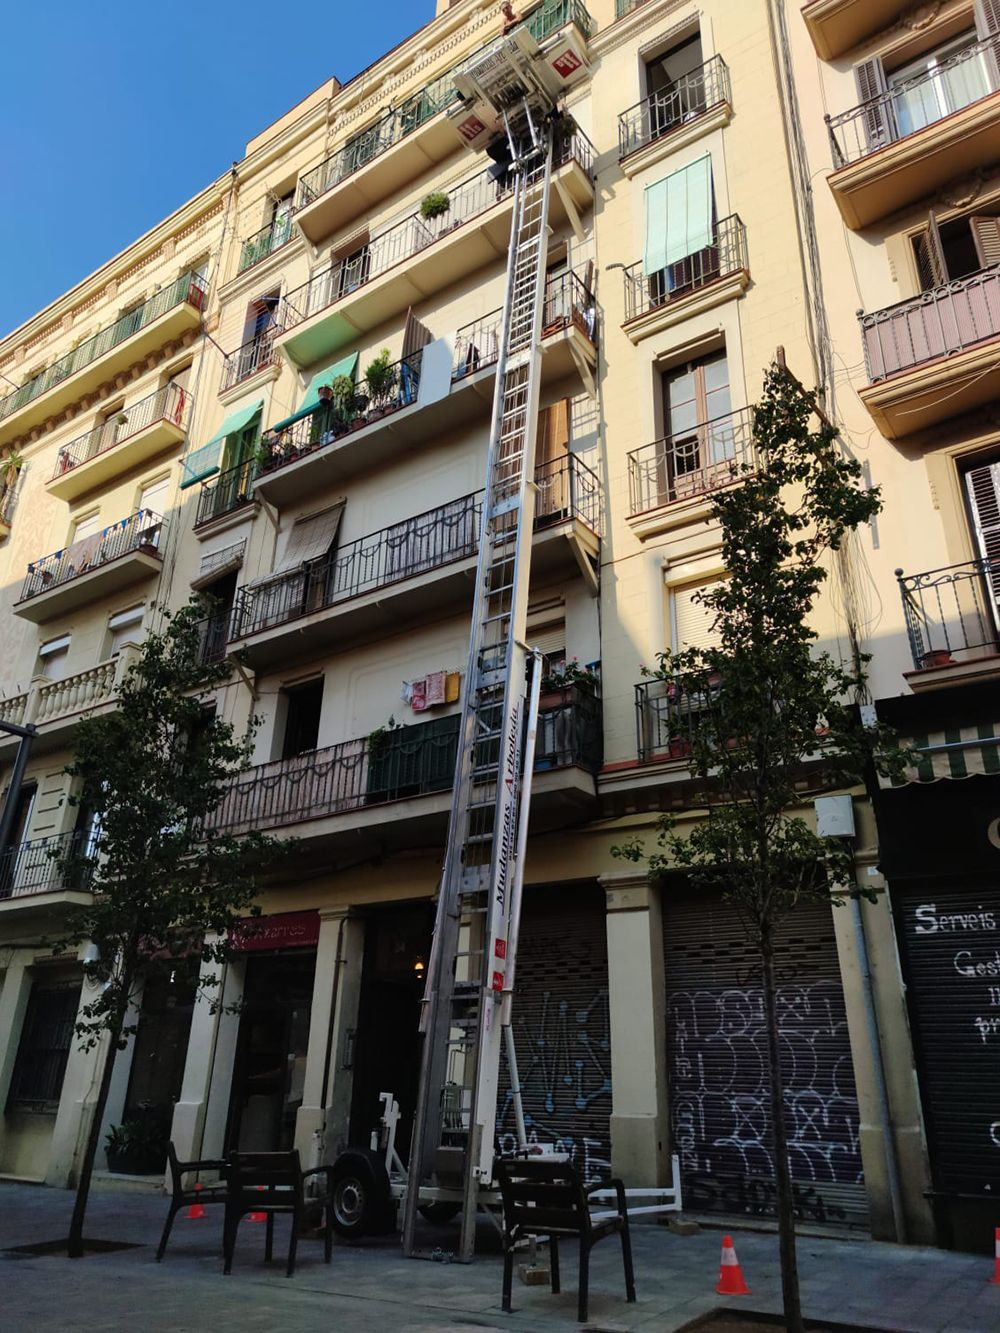 Mudanzas-Arboleda-Plataforma-Elevadora